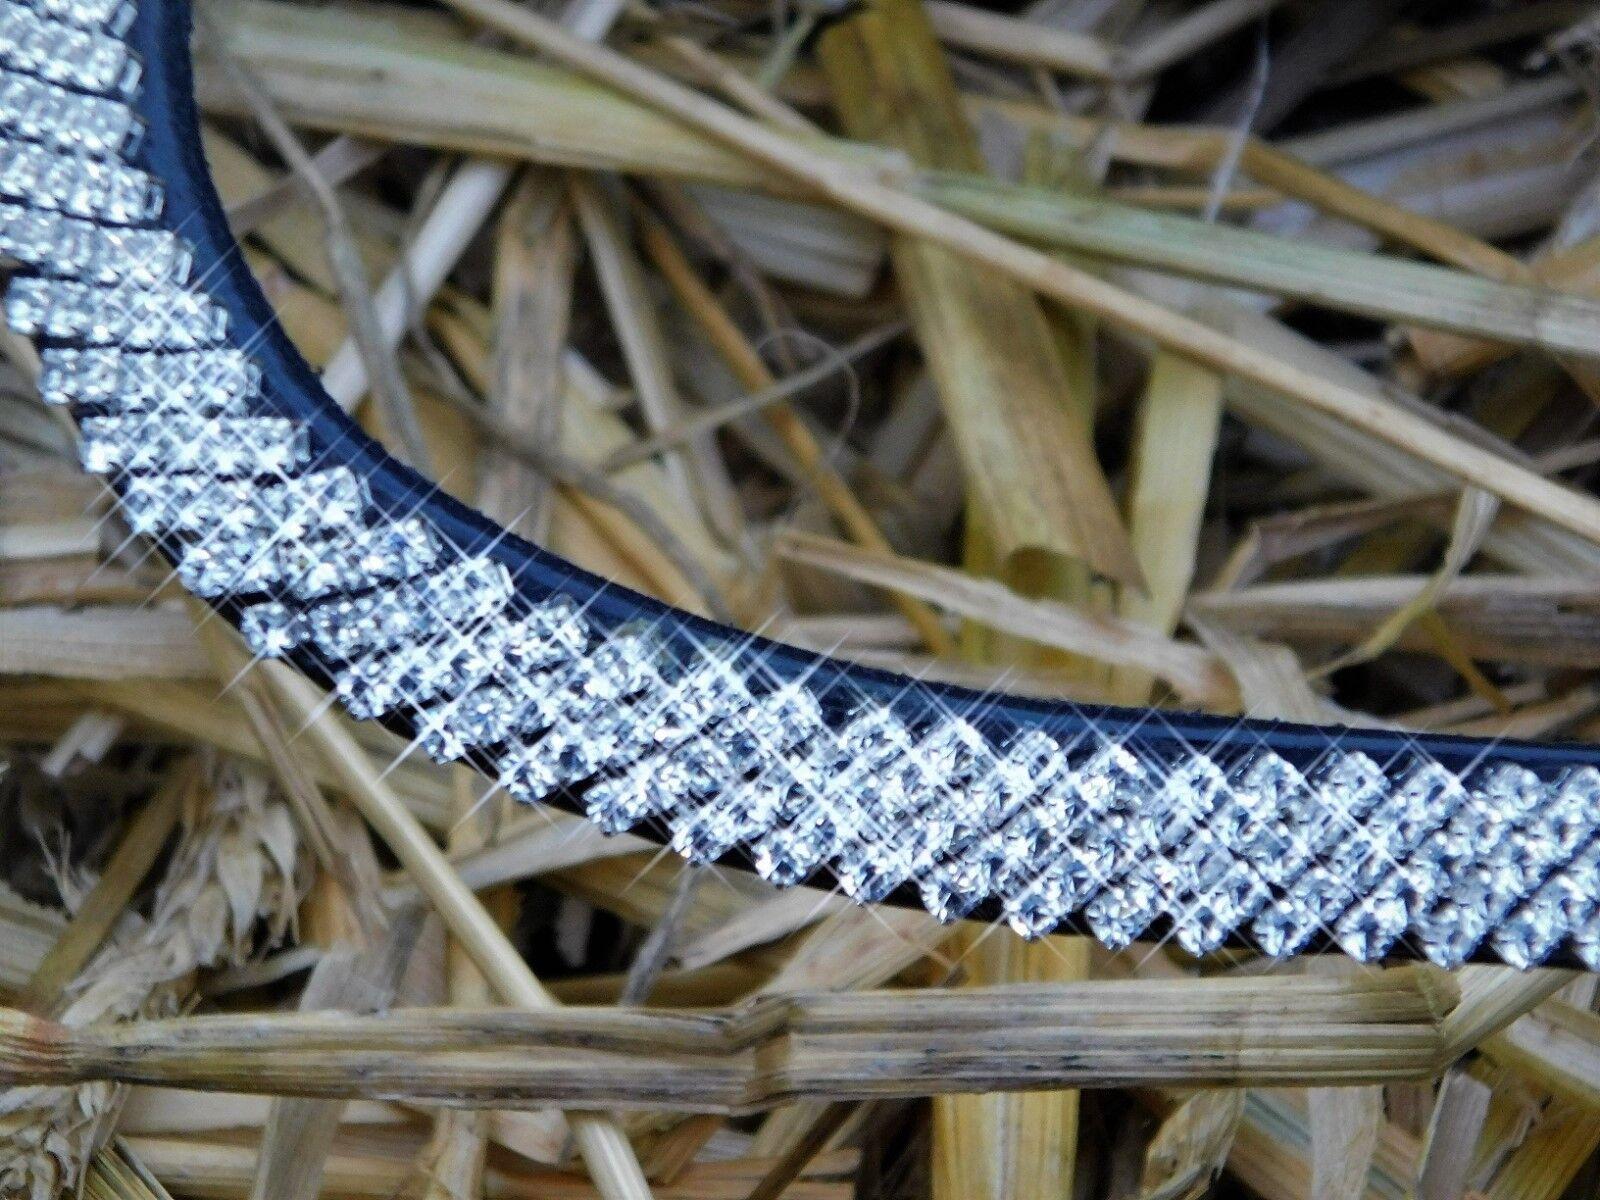 Trense Diamanti Super Strass Glitzer Schwarz Leder Weich Weich Weich Butterweich VB WB X Ful bcb44b